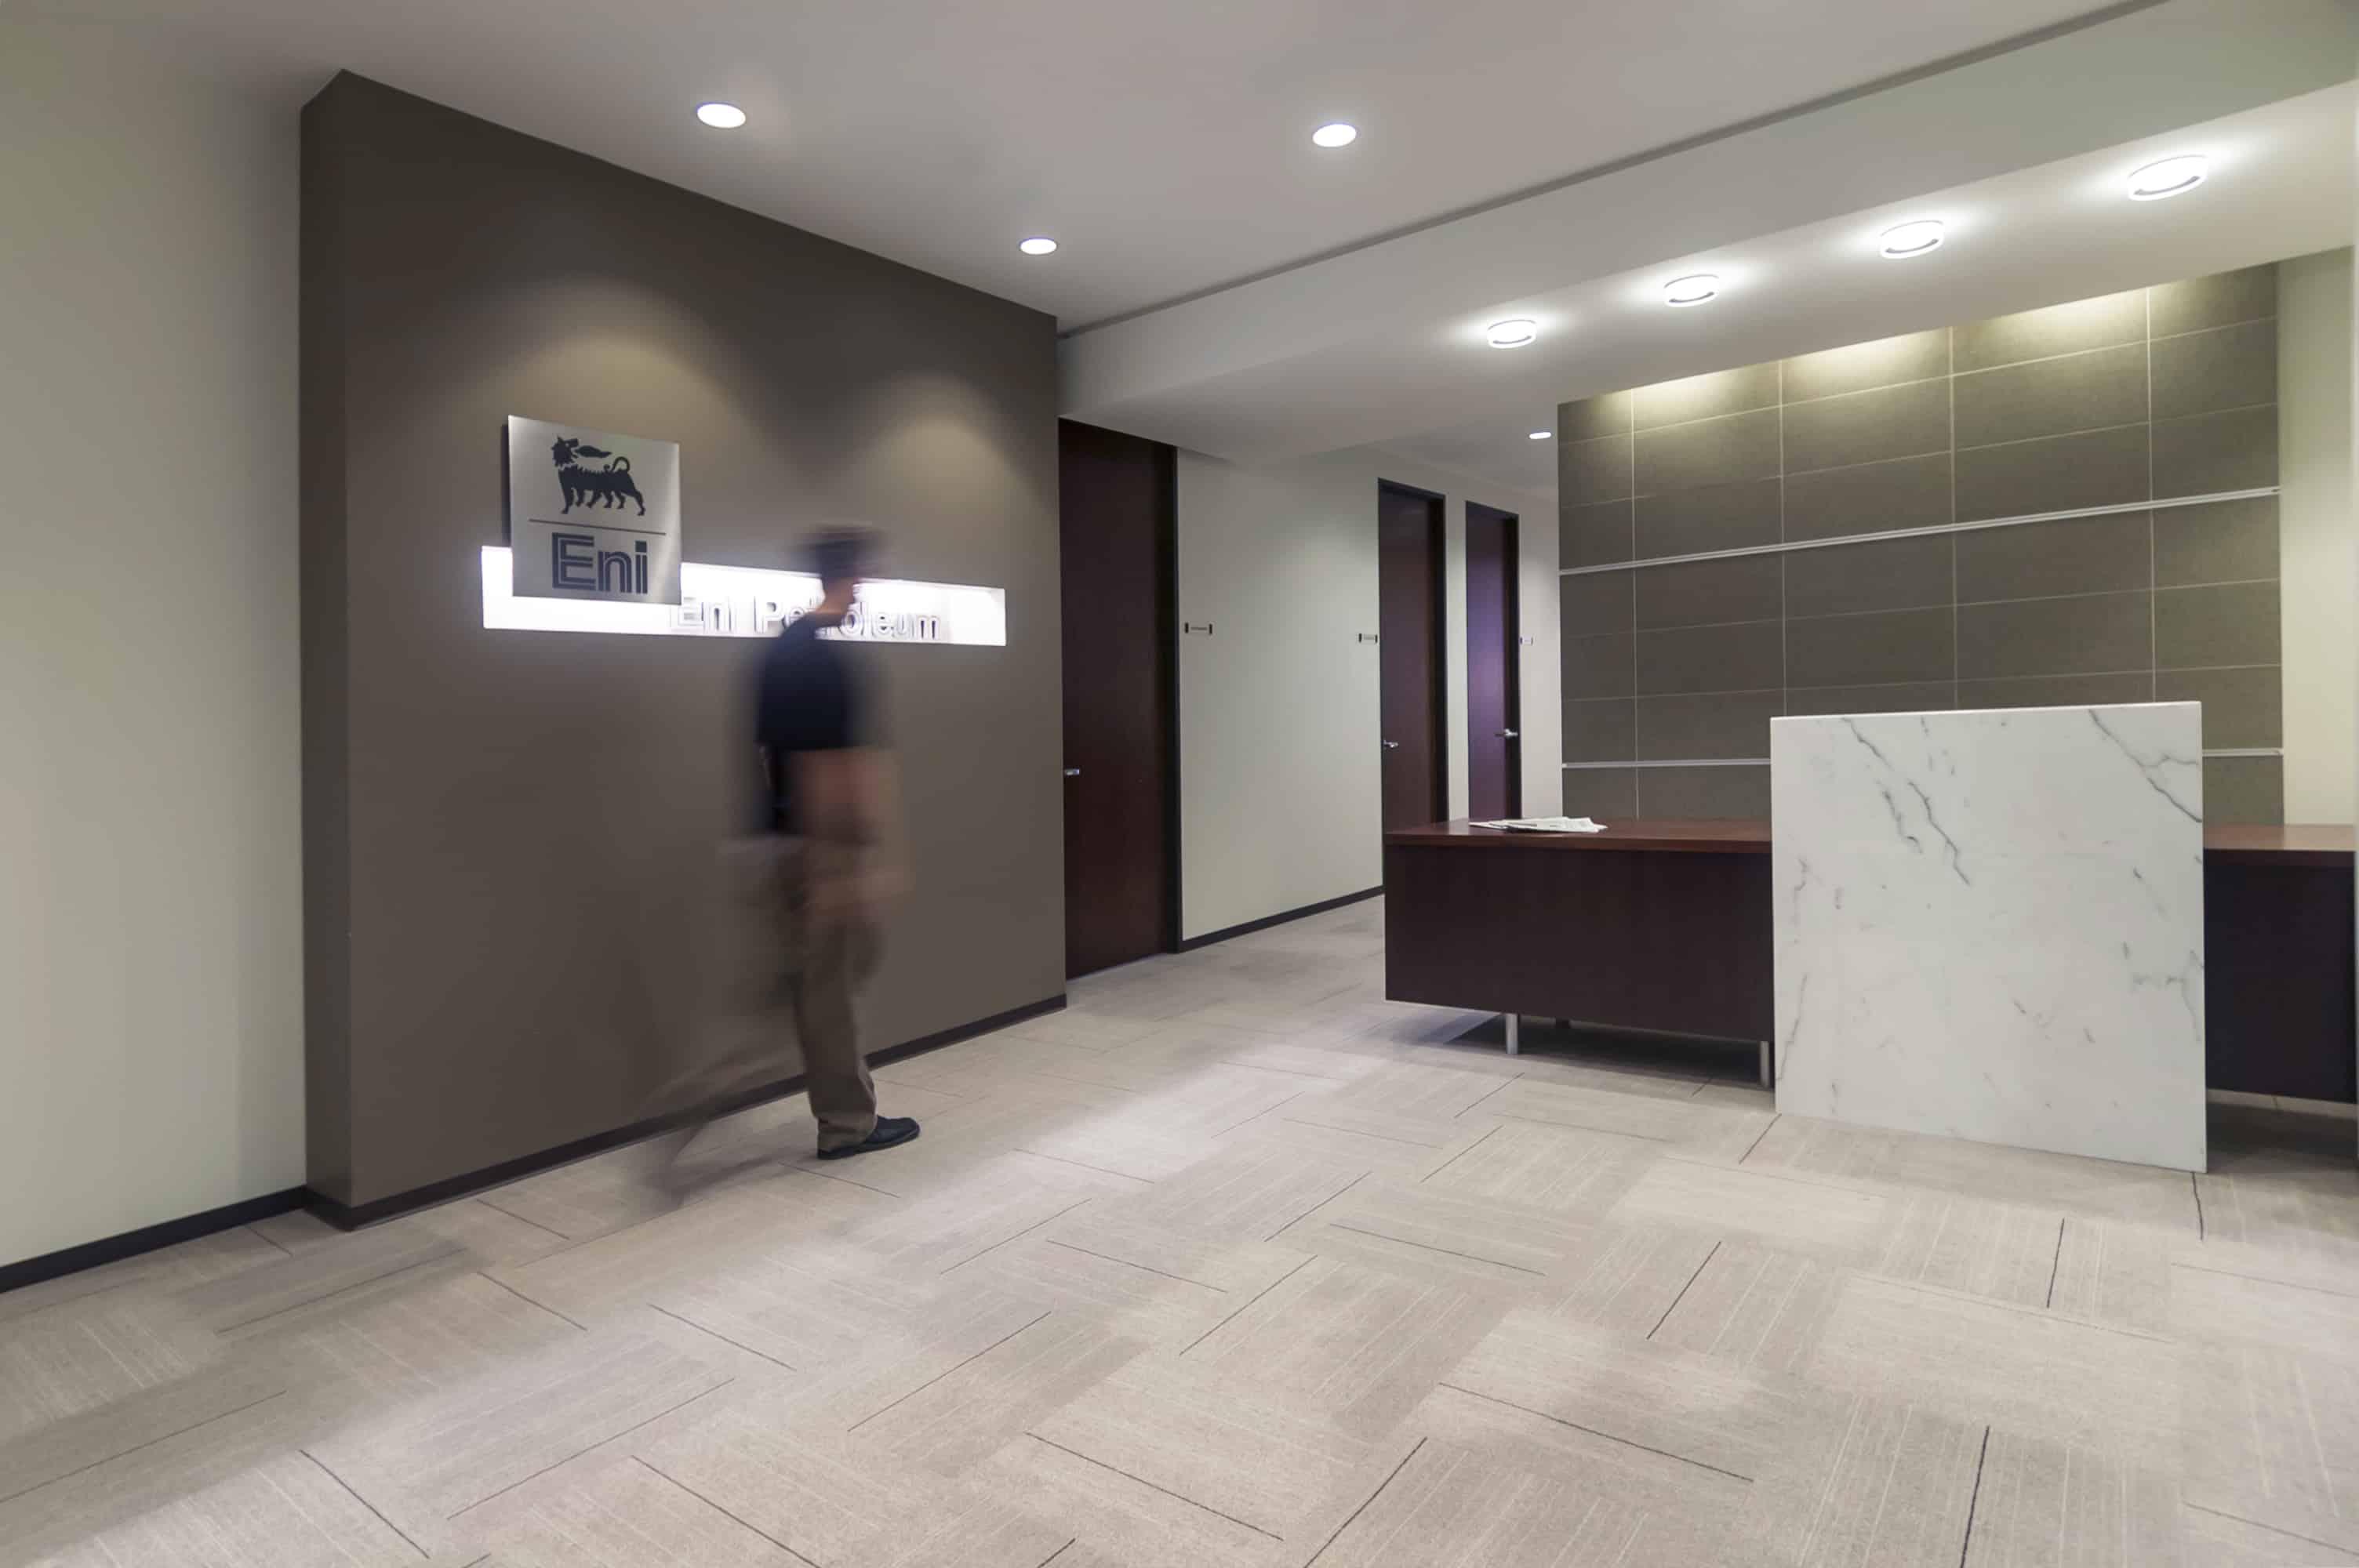 executive suite interior design